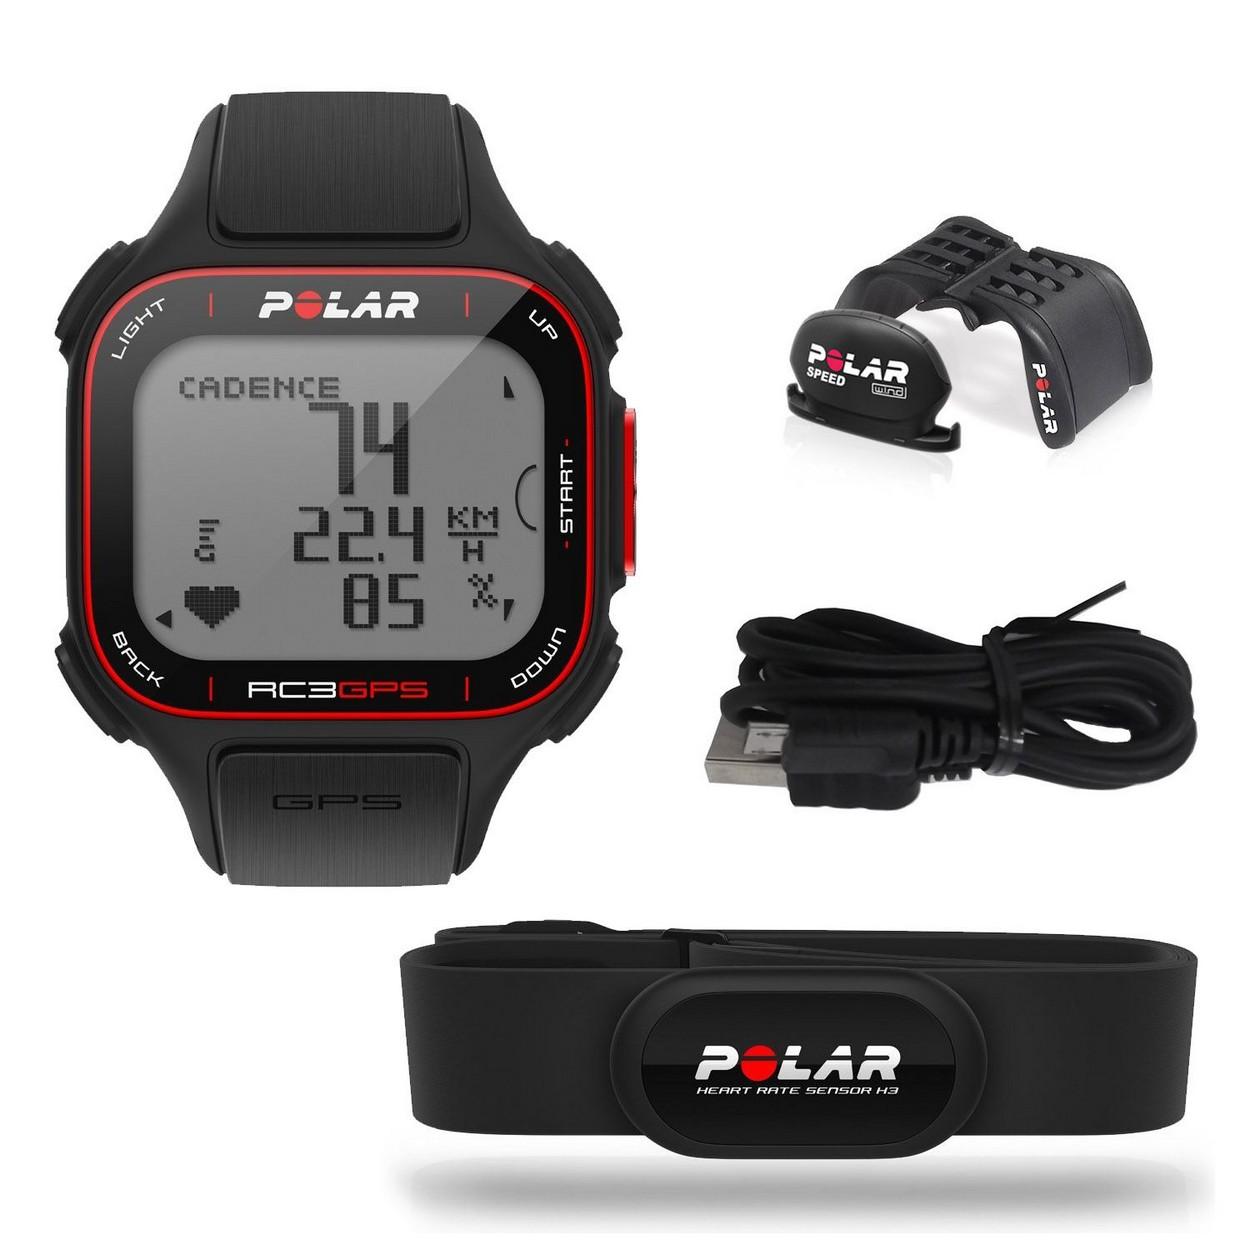 清仓甩卖盒装Polar博能心率表RC3 GPS跑步健身越野马拉松